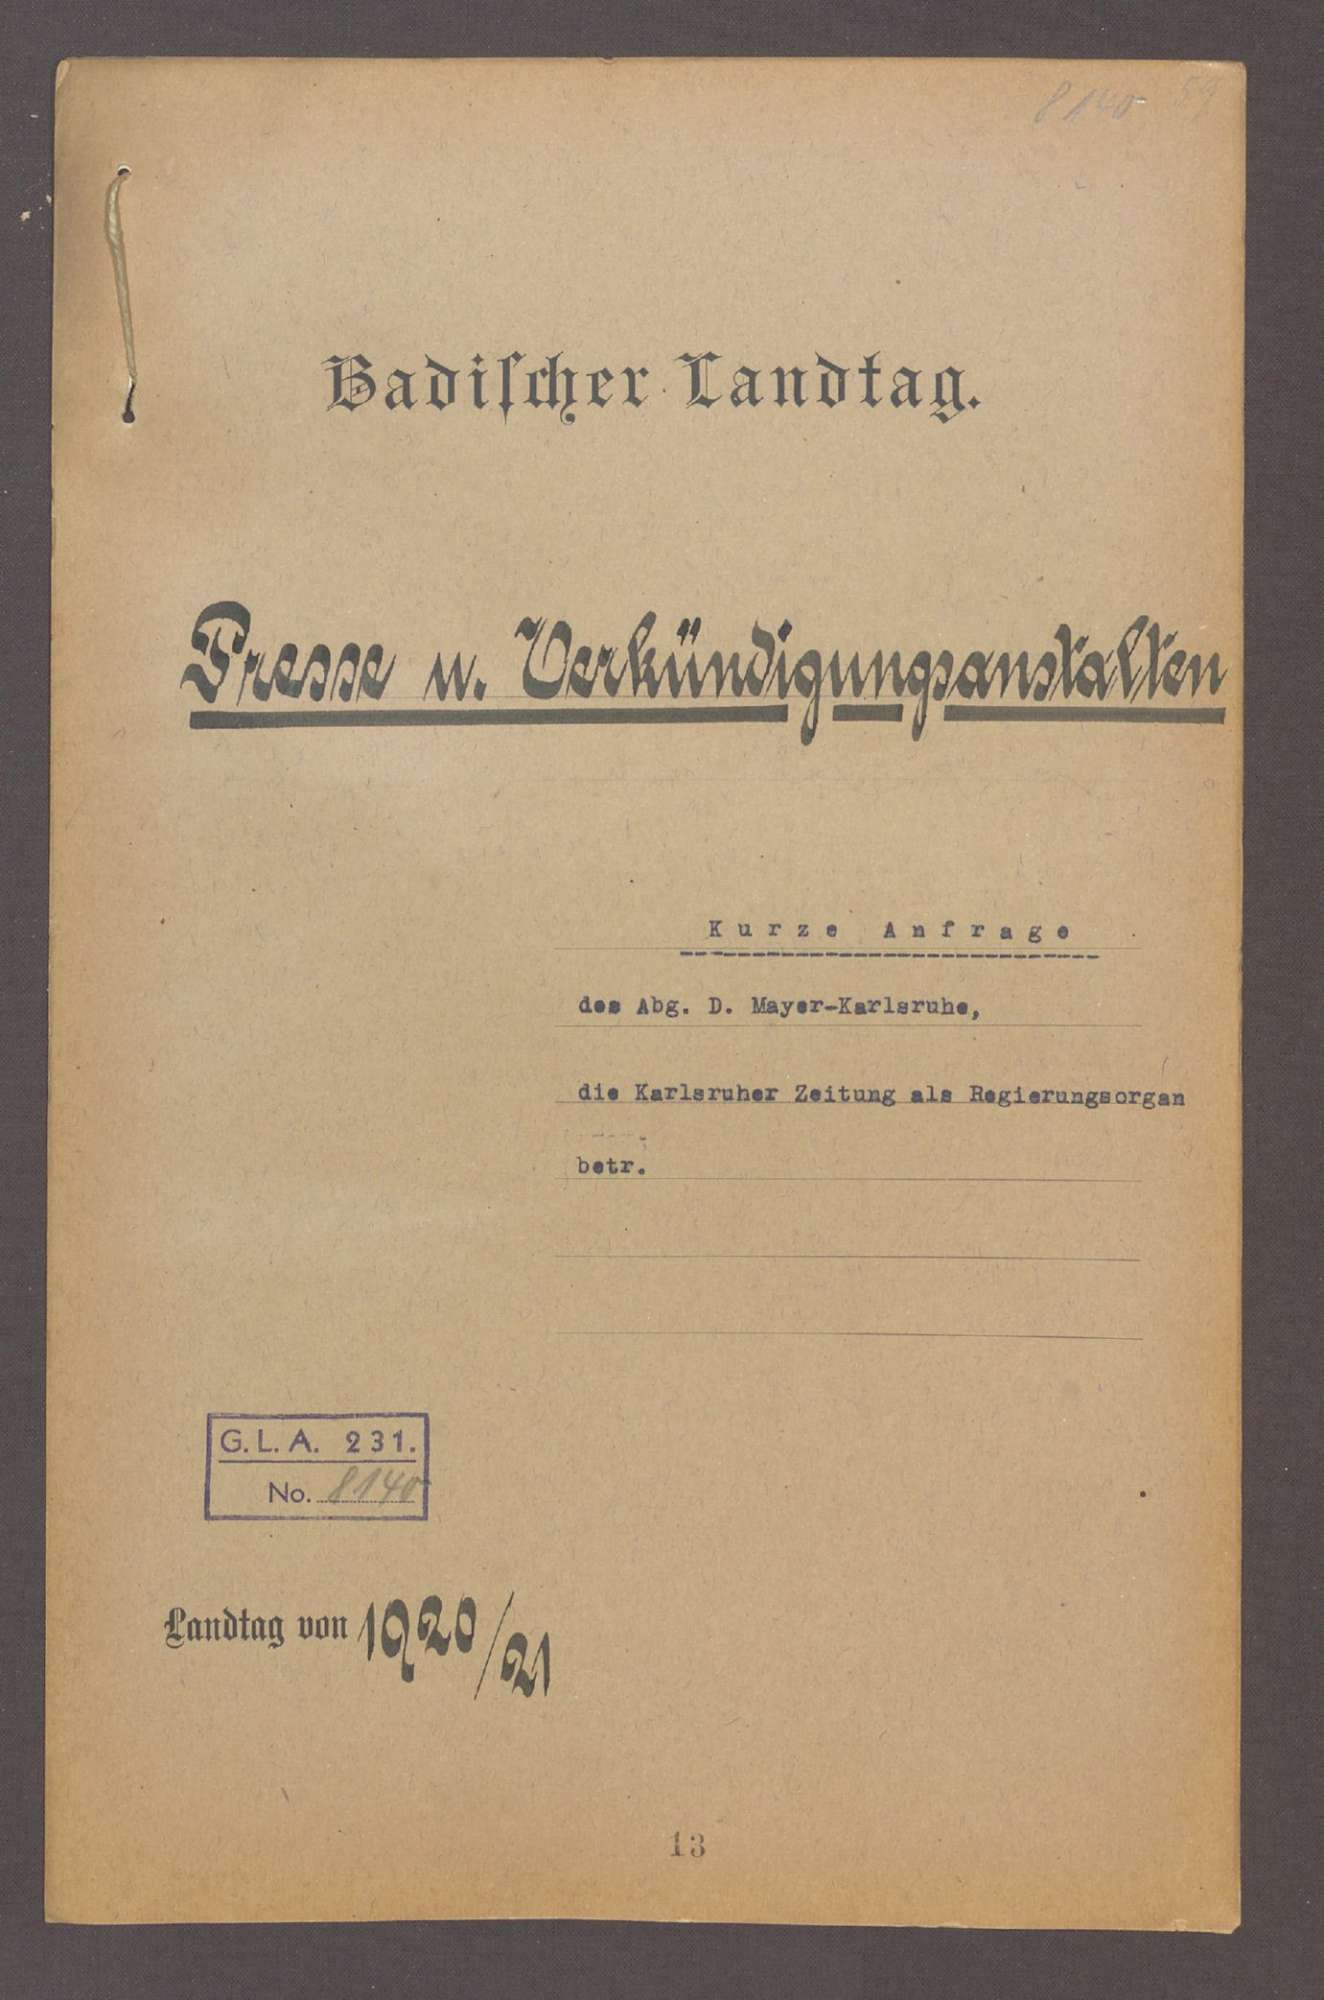 Kurze Anfrage des Abg. D. Mayer (Karlsruhe), die Karlsruher Zeitung als Regierungsorgan betr., Bild 1